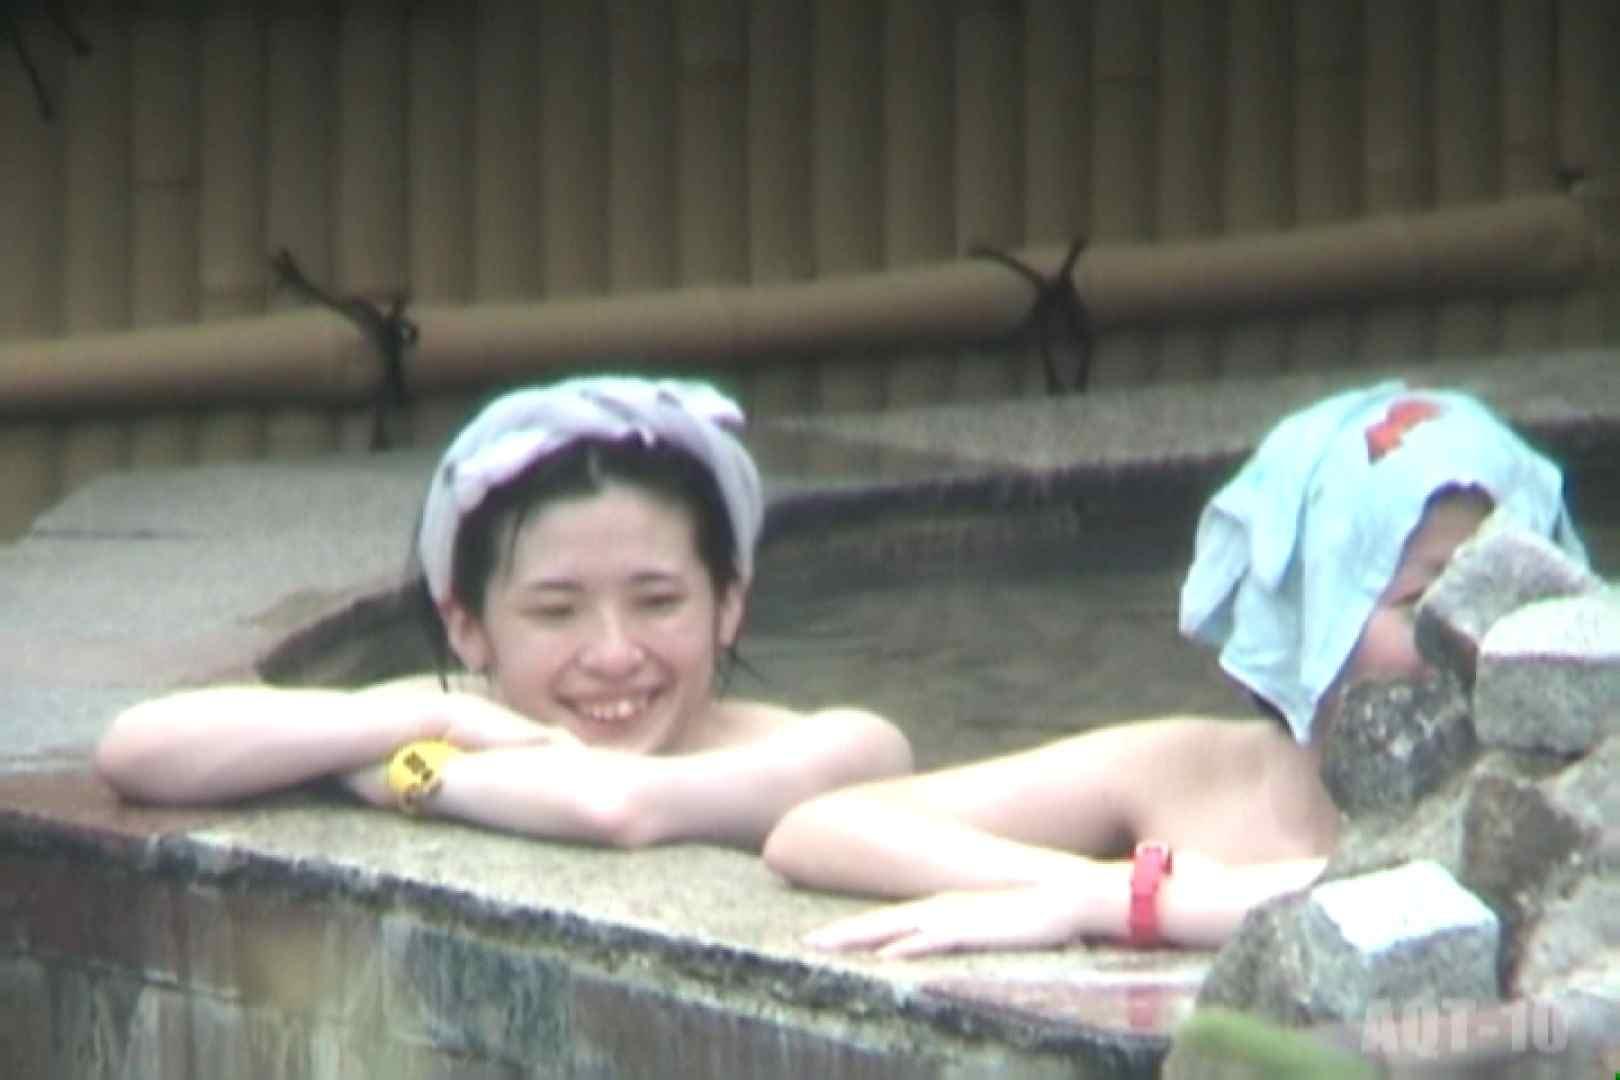 Aquaな露天風呂Vol.793 露天 | 盗撮特集  56画像 23